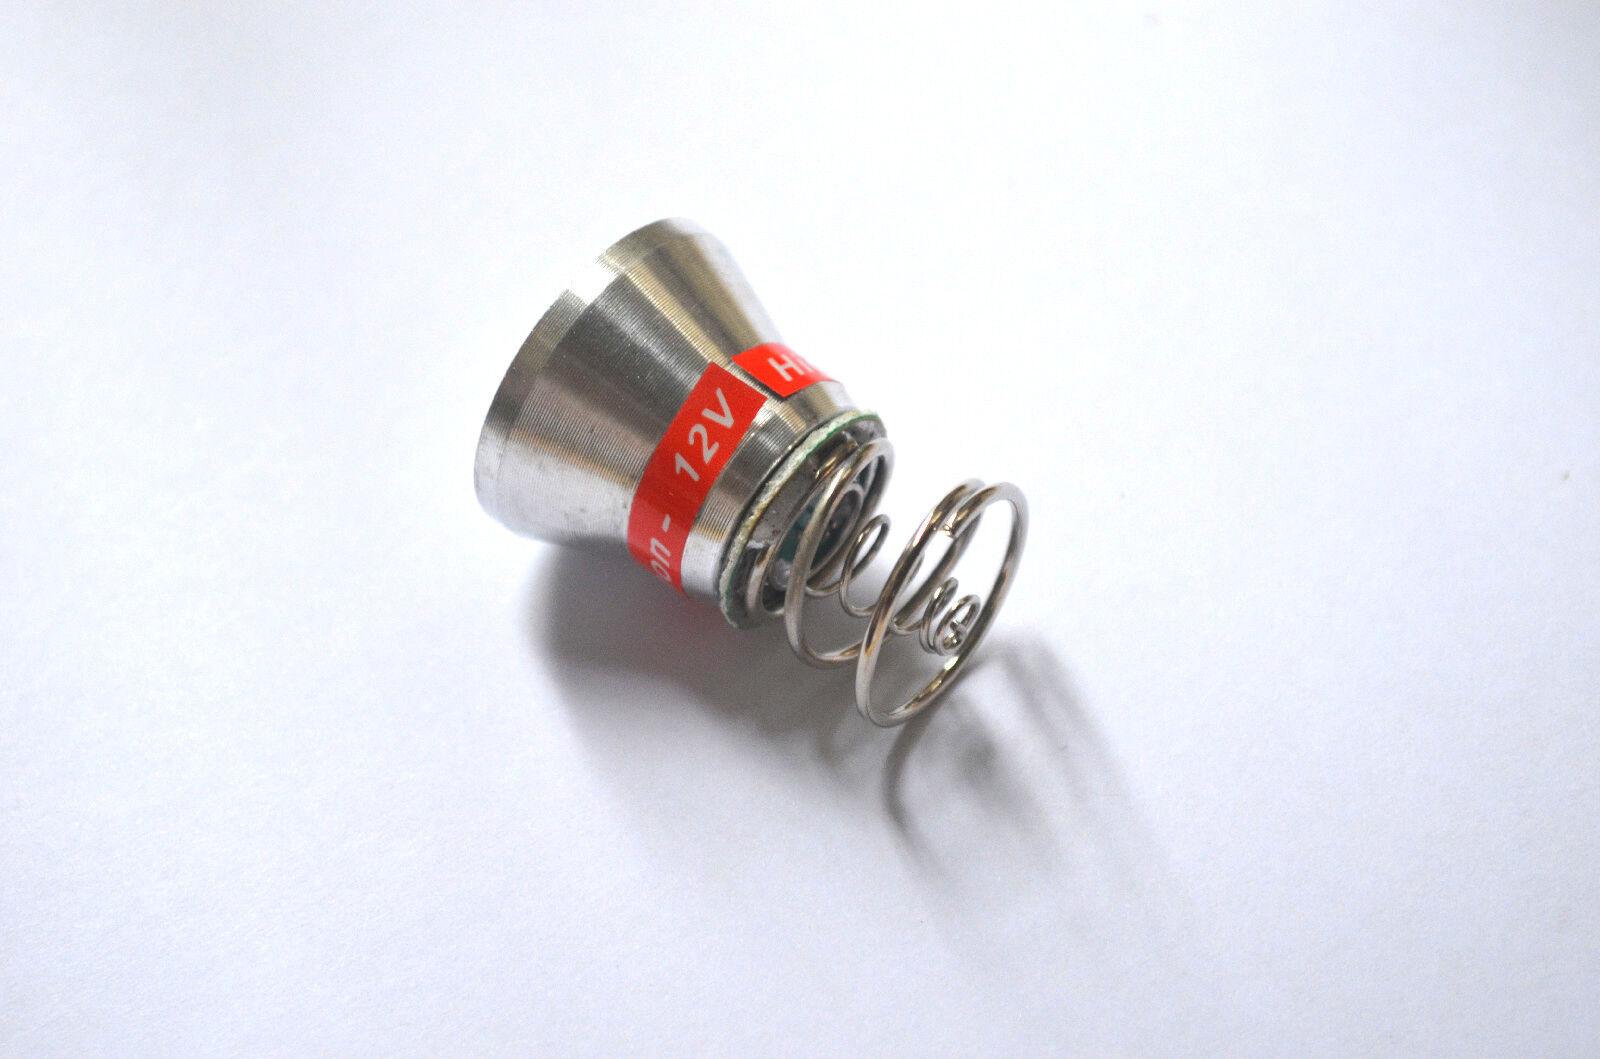 50 lámparas de linterna de gas xenón de alta tensión.